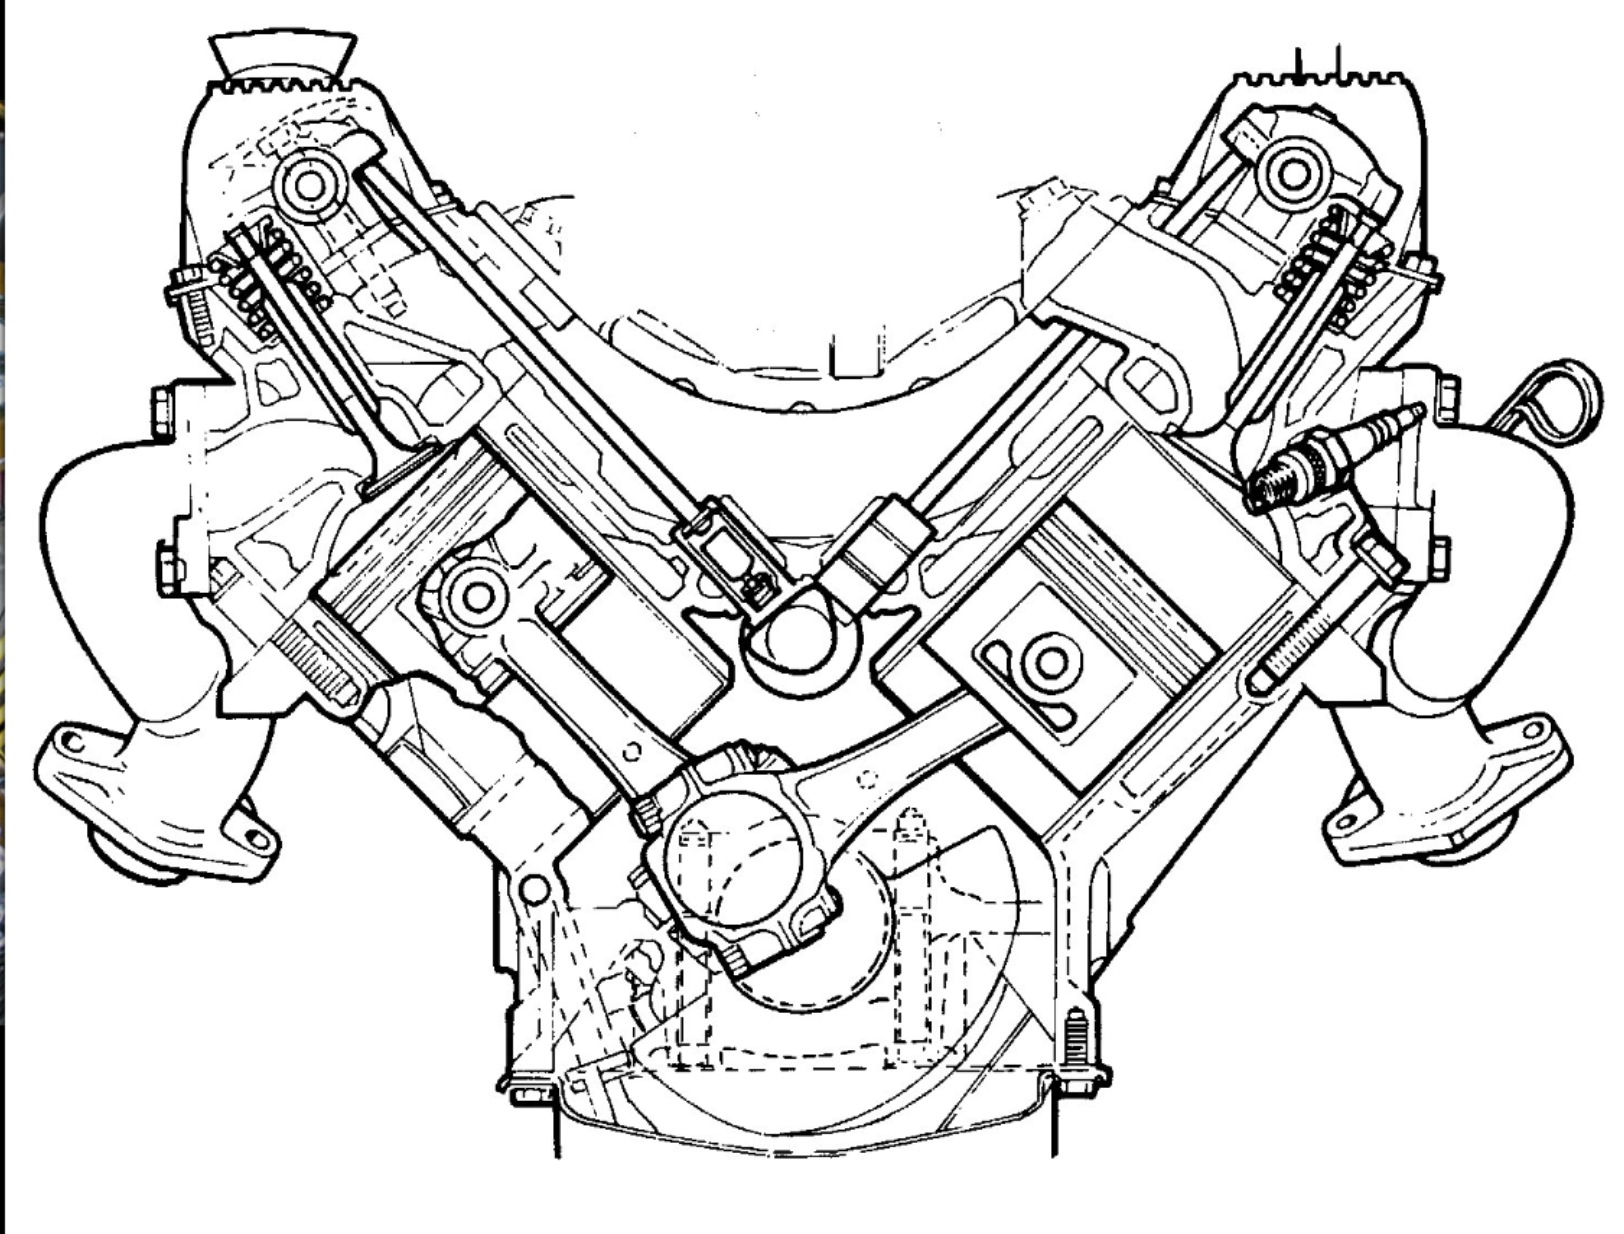 1990 hyster 50 forklift wiring schematics